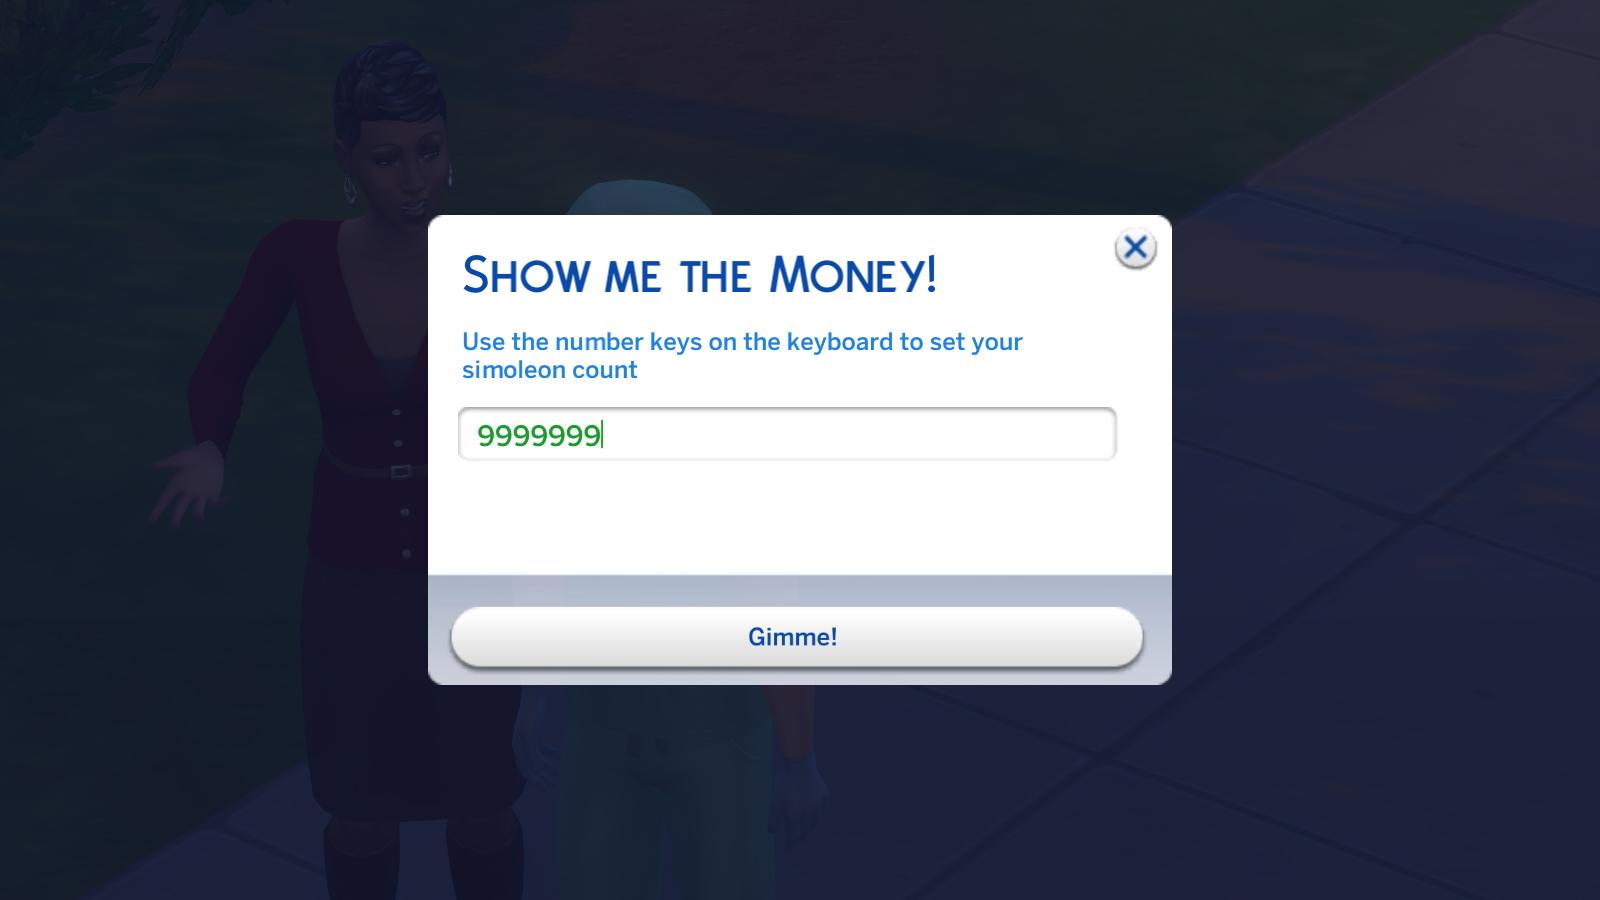 как ввести код в игре симс 4 на деньги